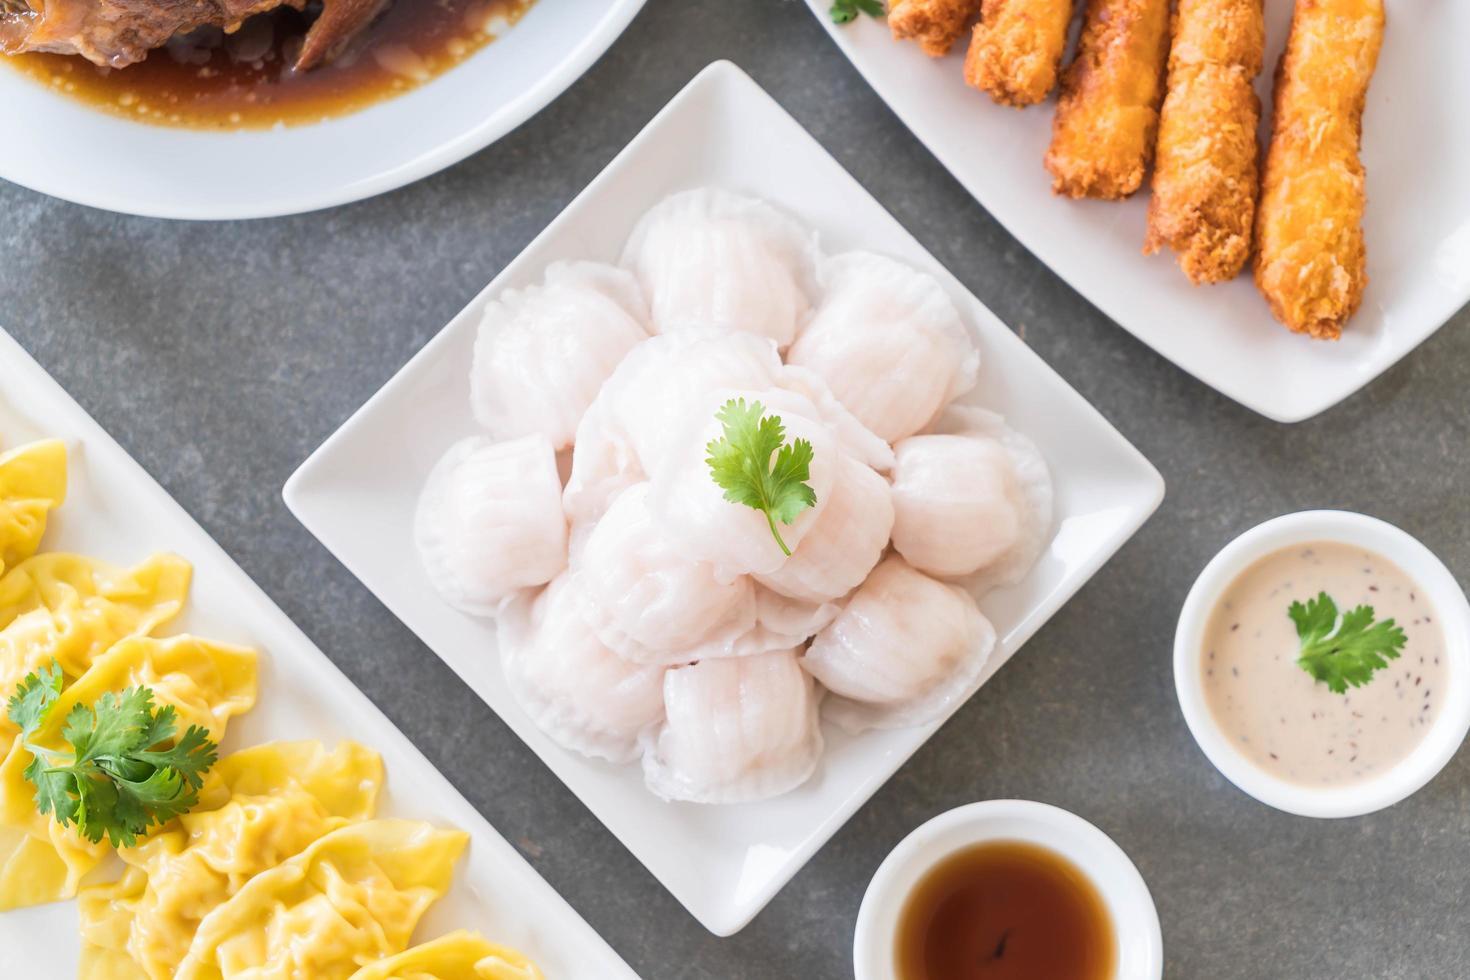 ångade räkor, dumplings omgiven av andra plattor foto